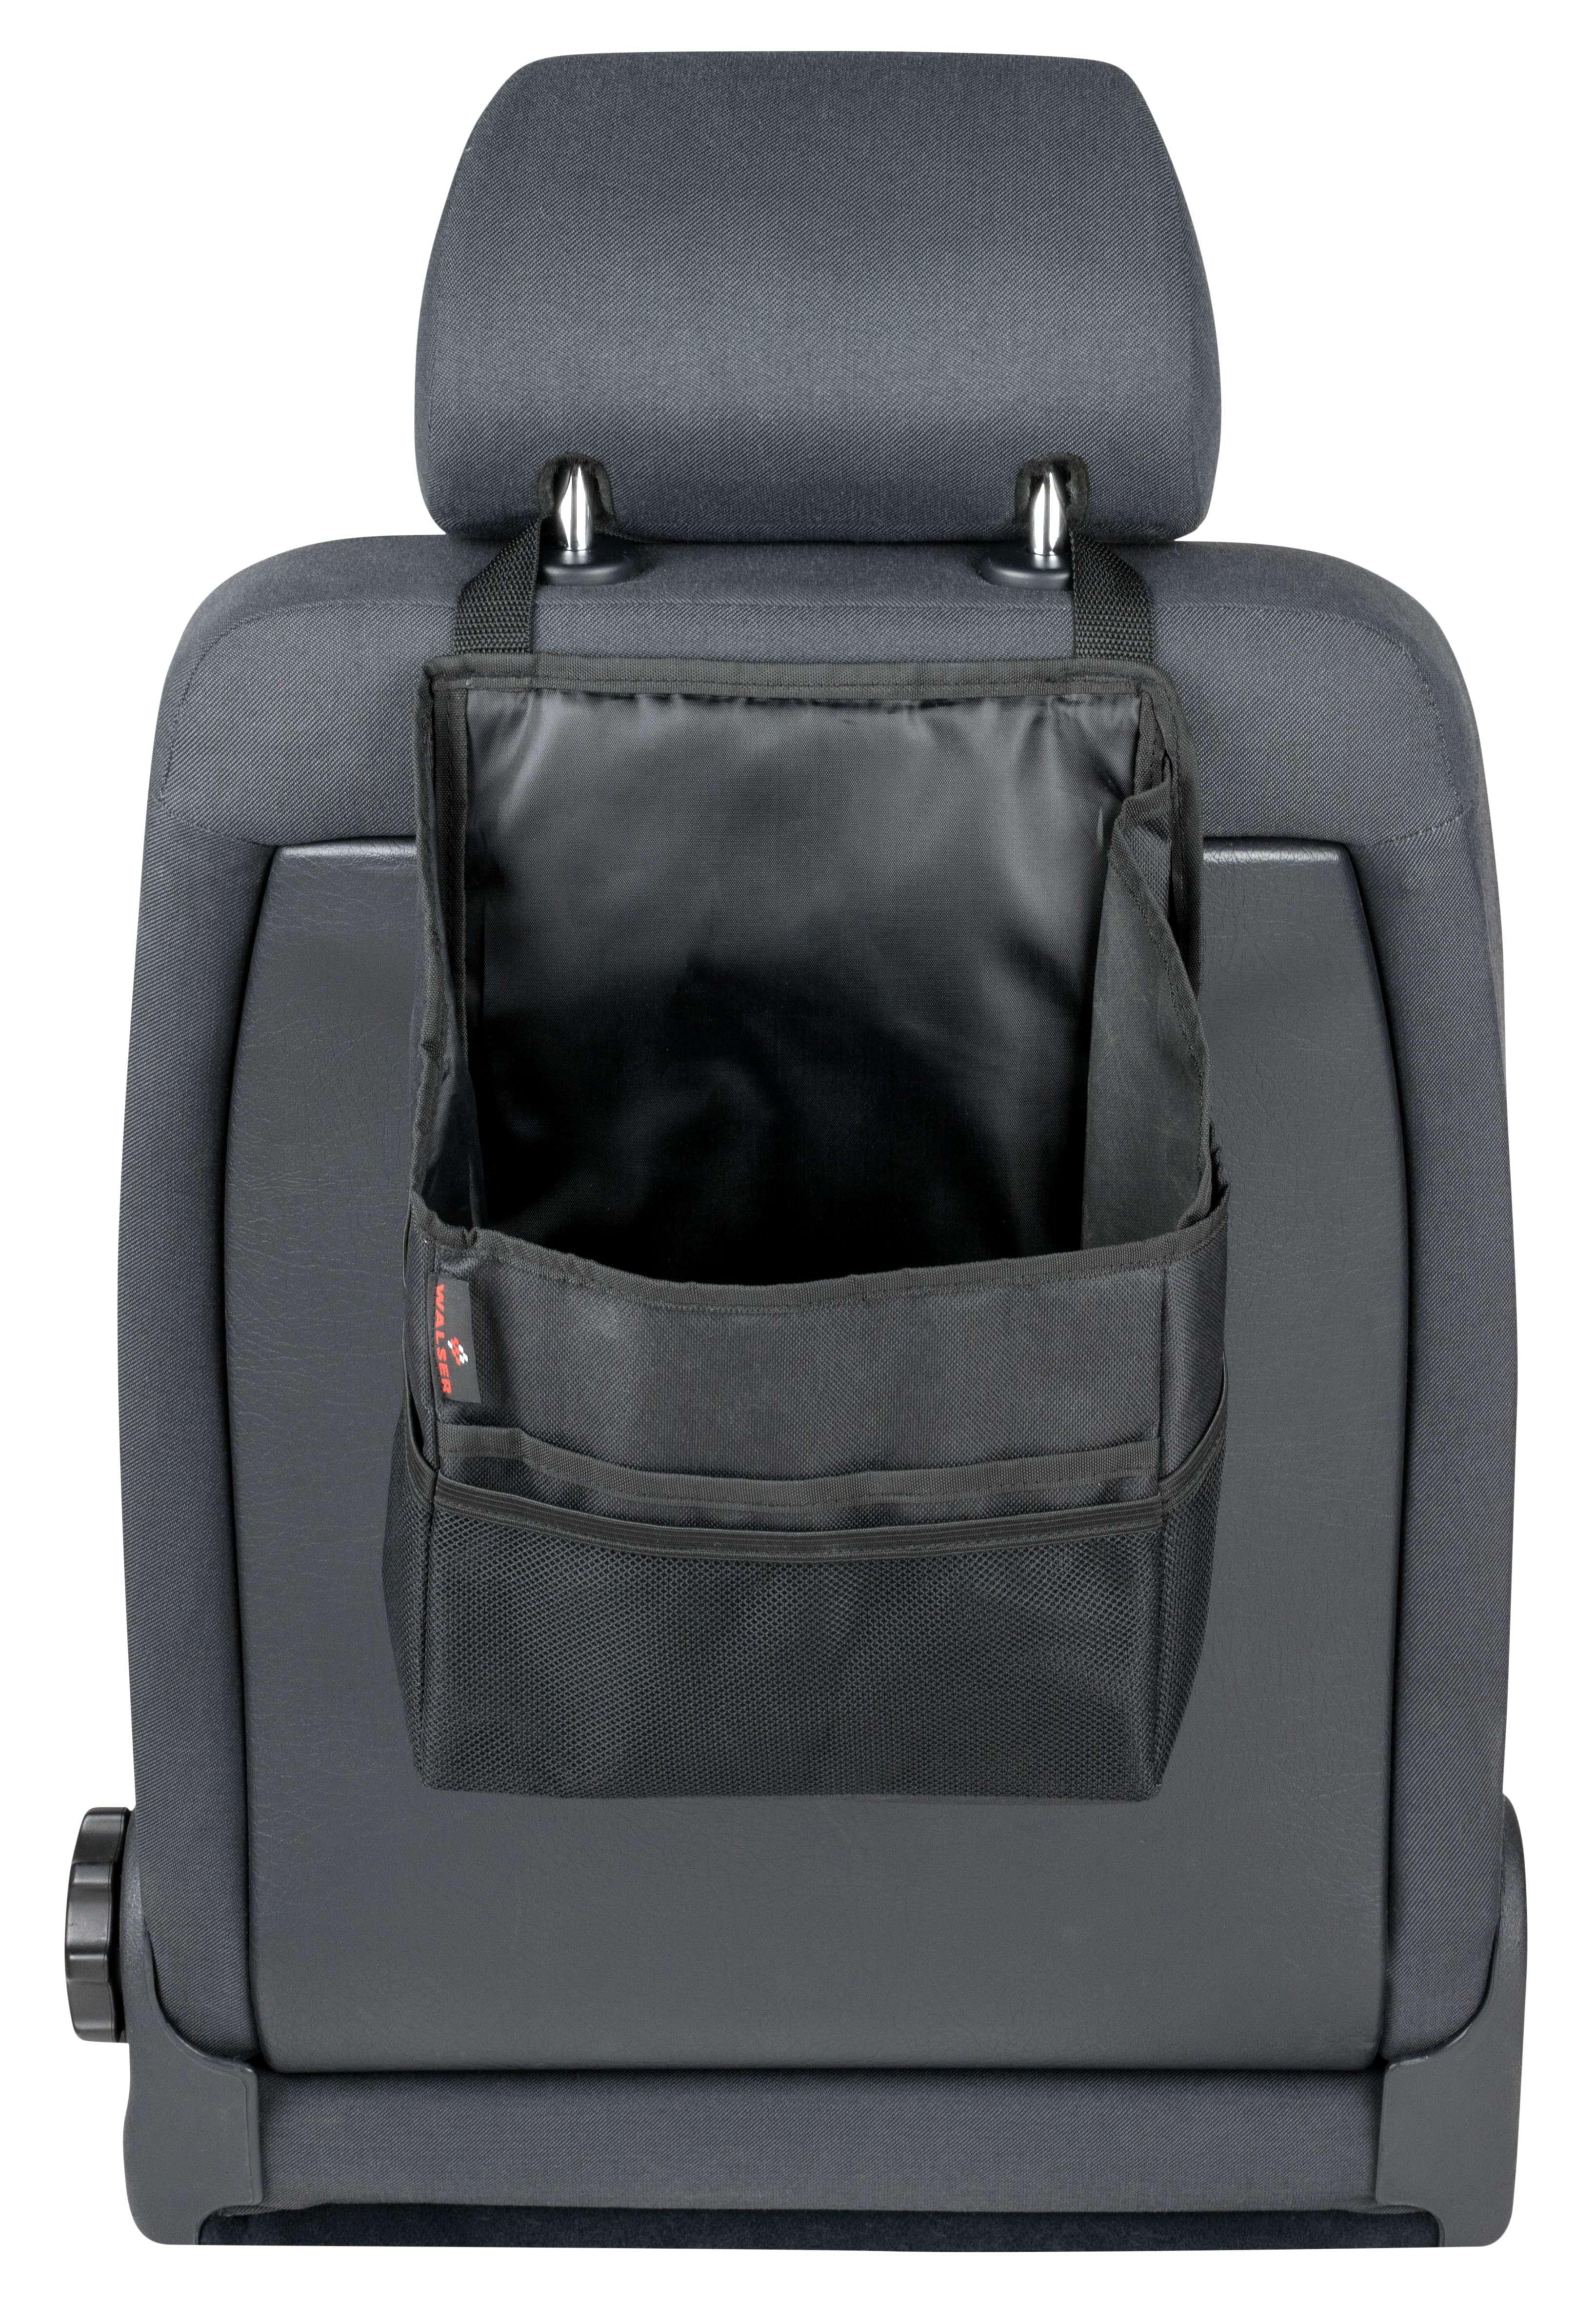 Rücksitz-Organizer 24009 WALSER 24009 in Original Qualität